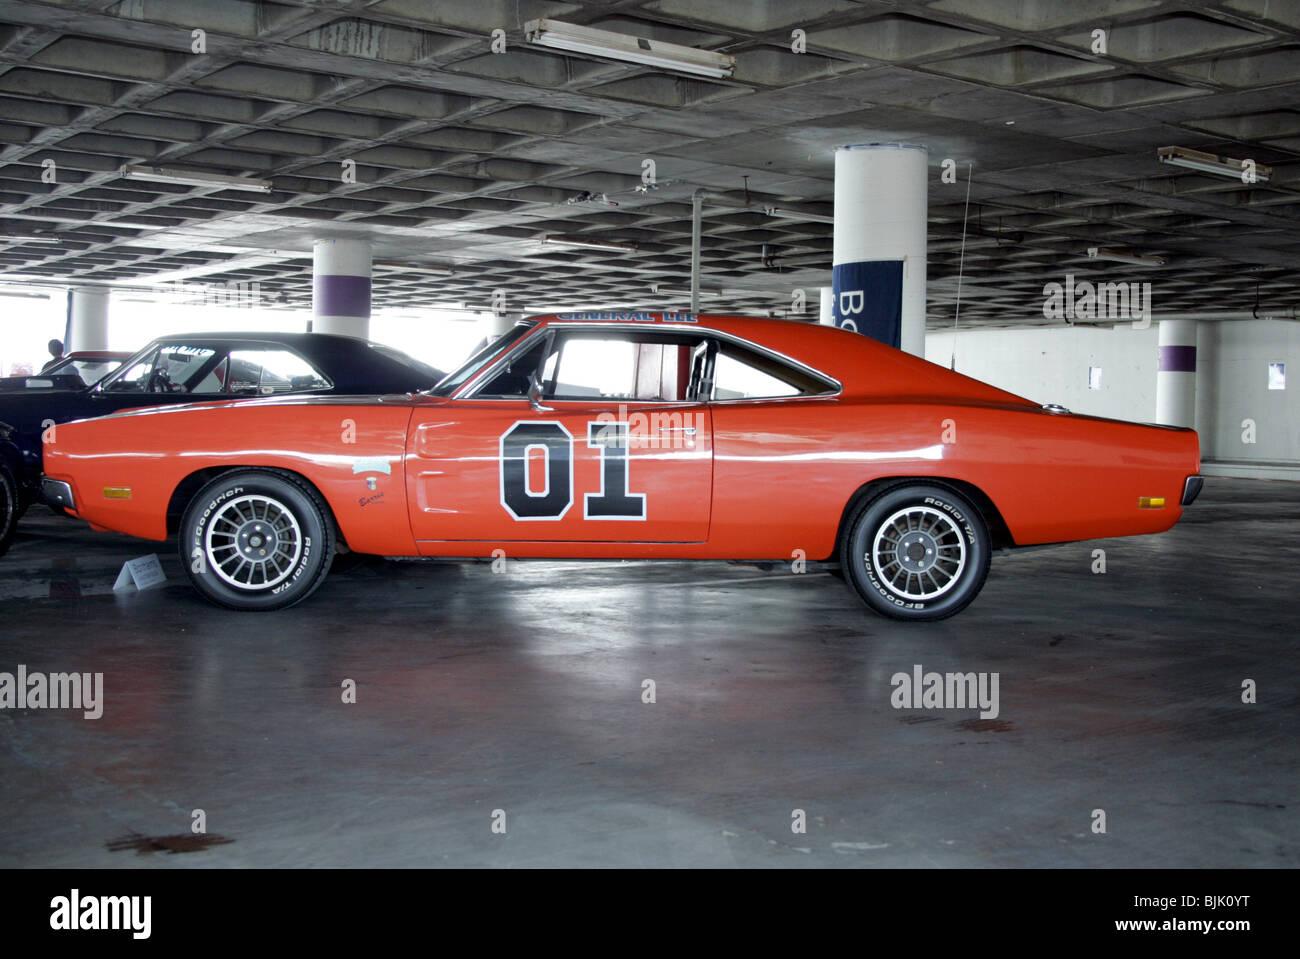 Used Car Buy Los Angeles